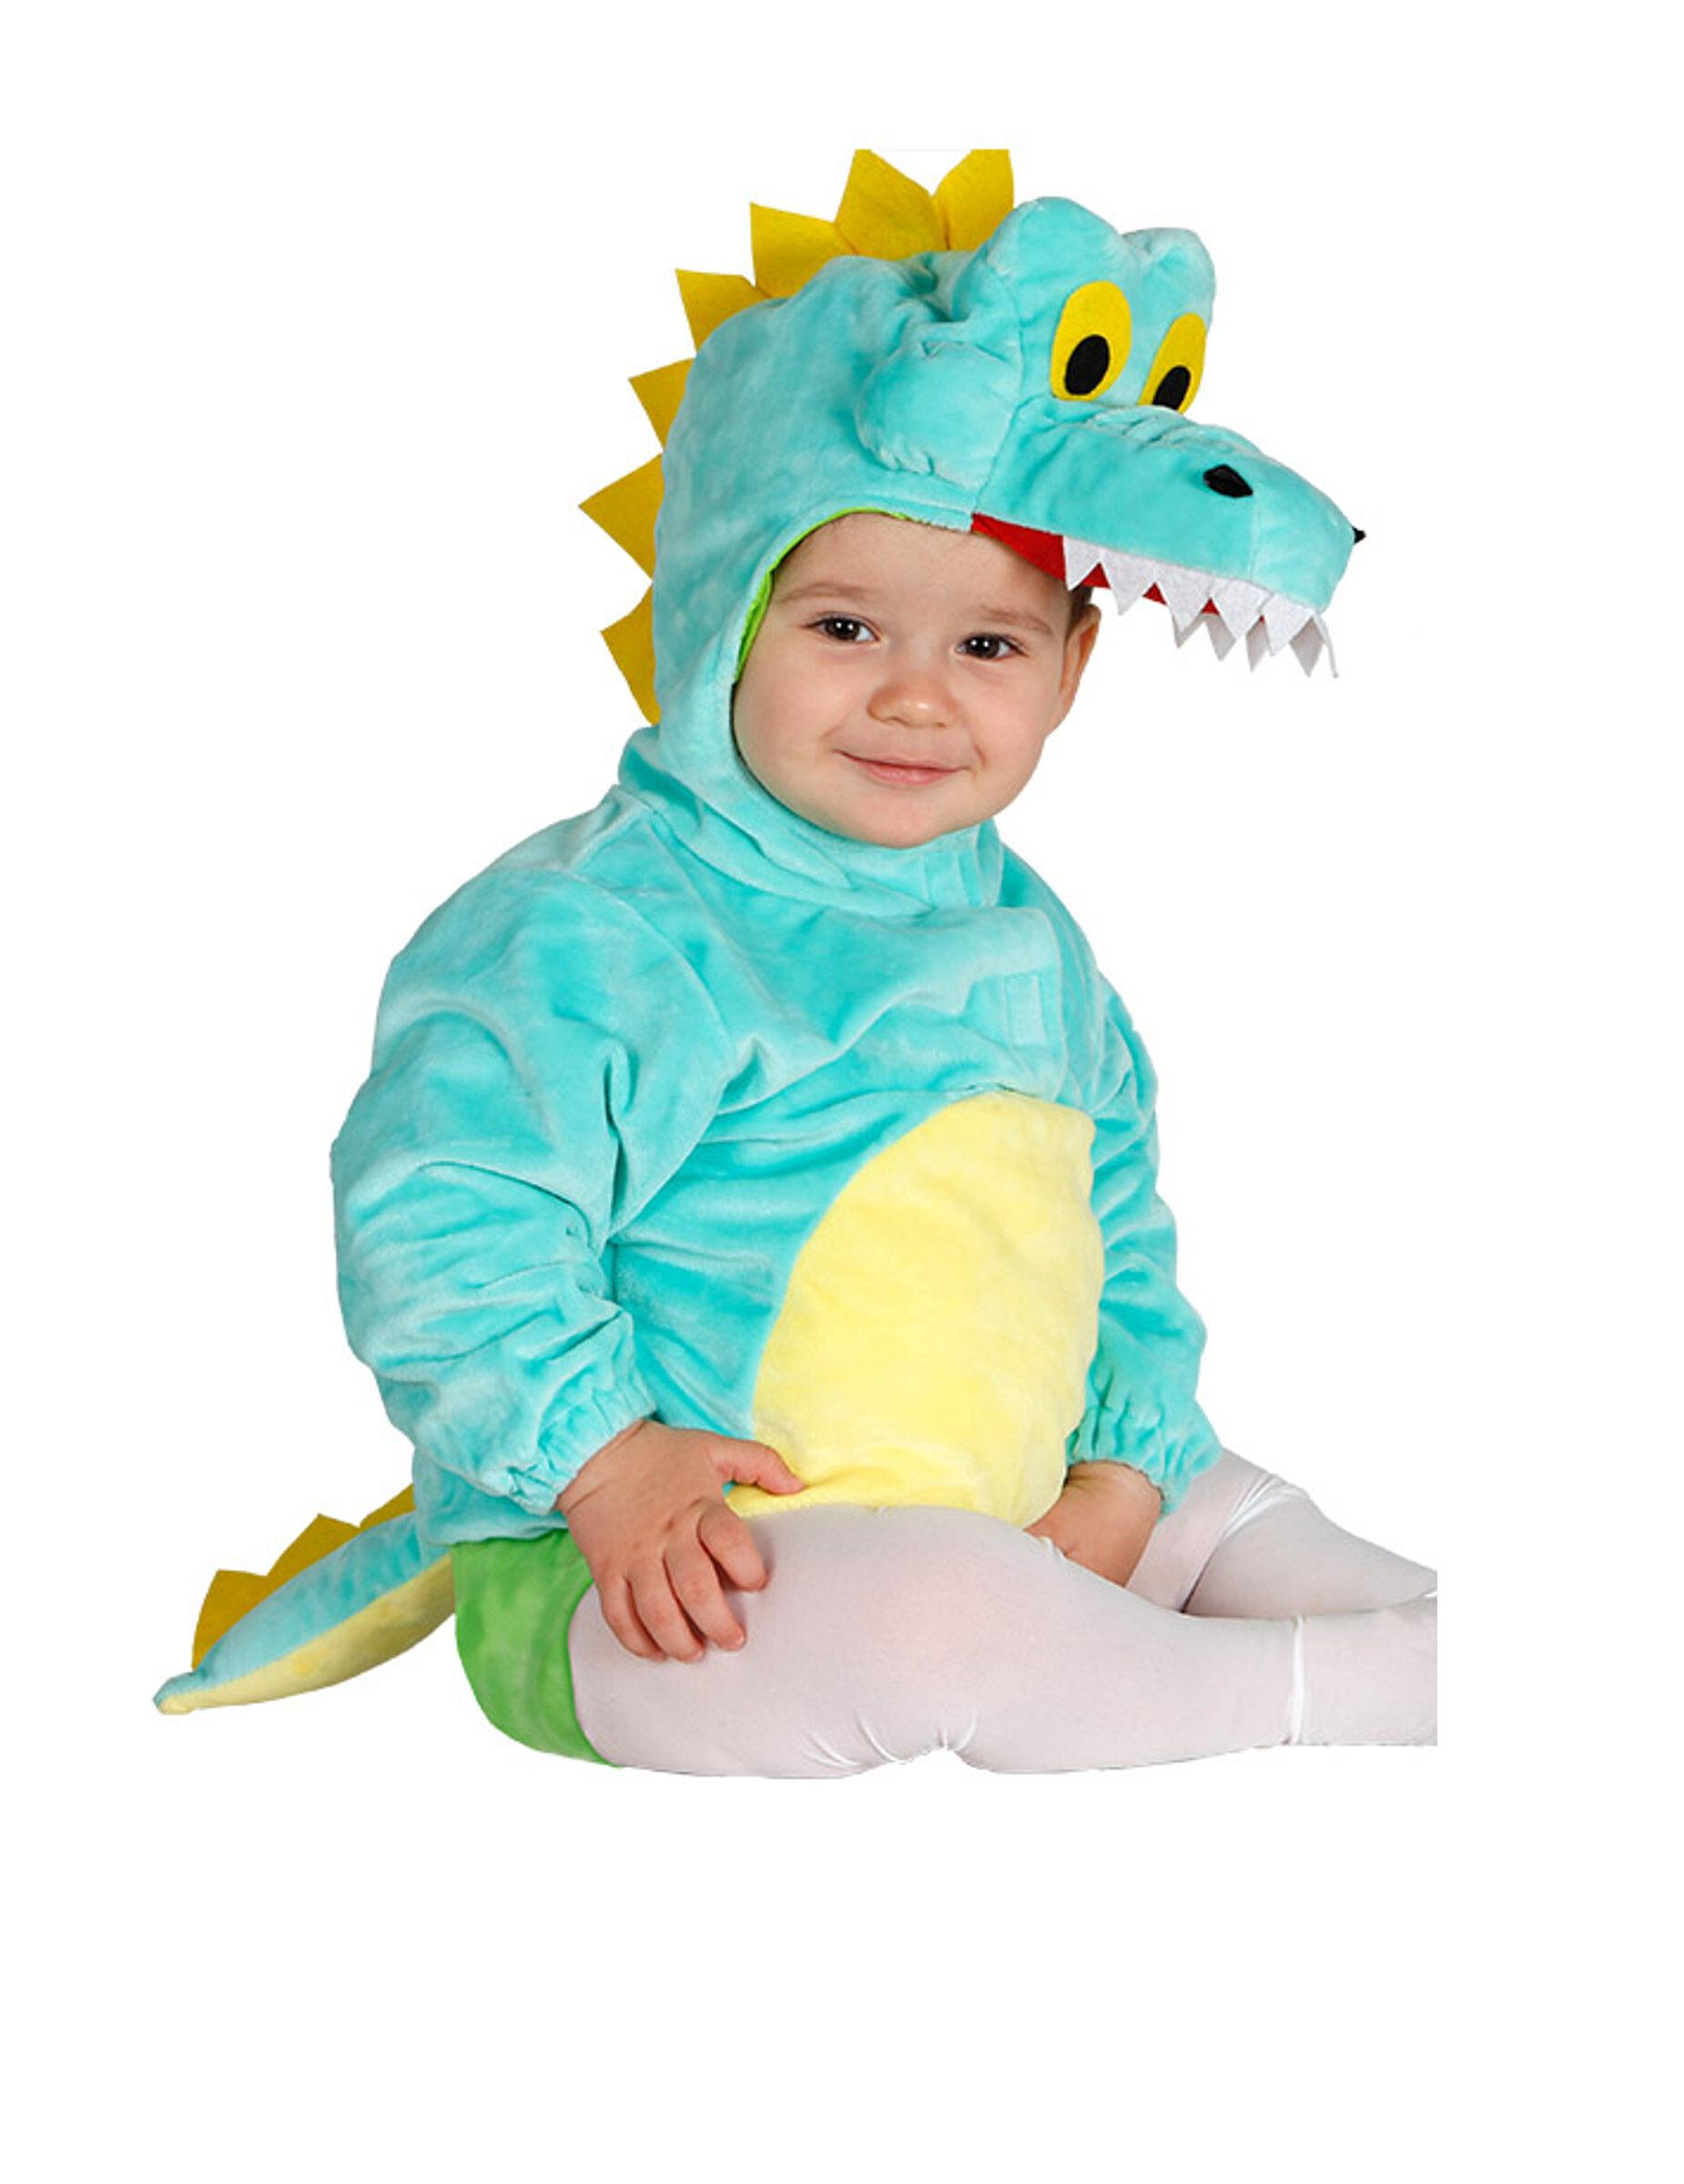 Deguisetoi Déguisement tunique avec capuche crocodile bébé - Taille: 6 à 12 mois (82-83 cm)